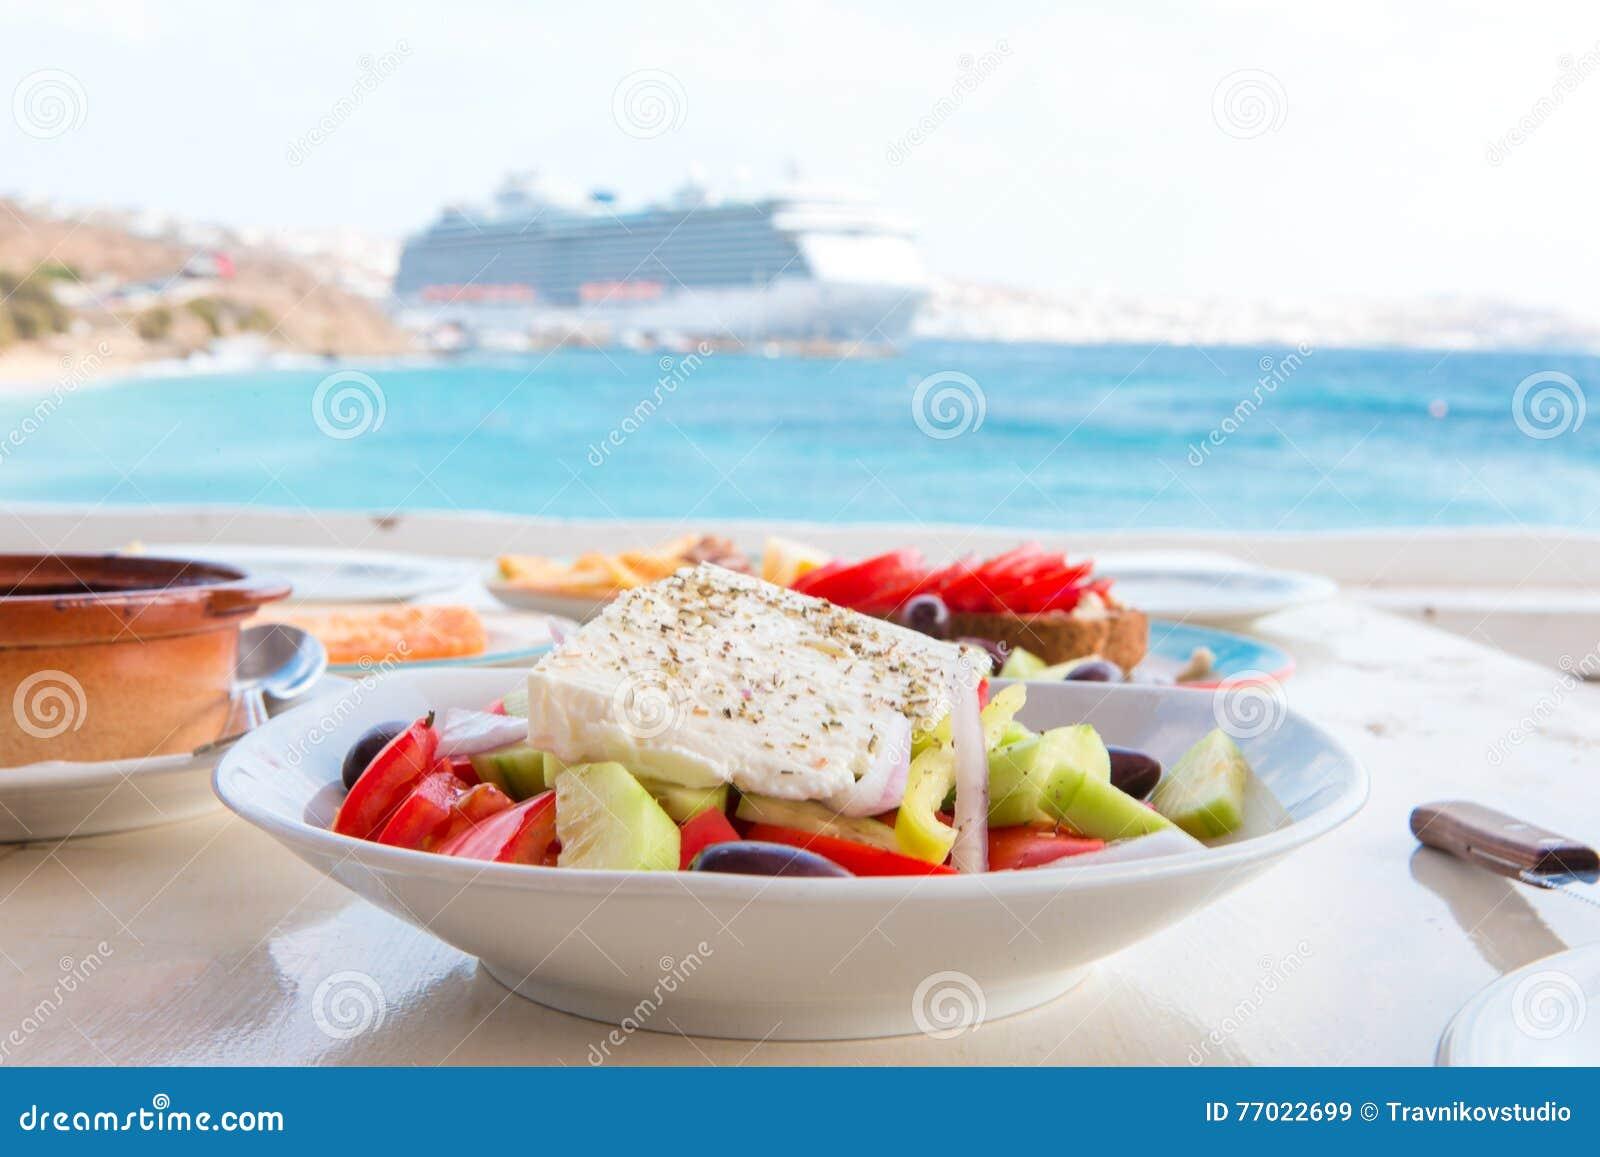 De heerlijke verse Griekse salade diende voor lunch bij openluchtrestaurant met mooie mening over het overzees en de haven